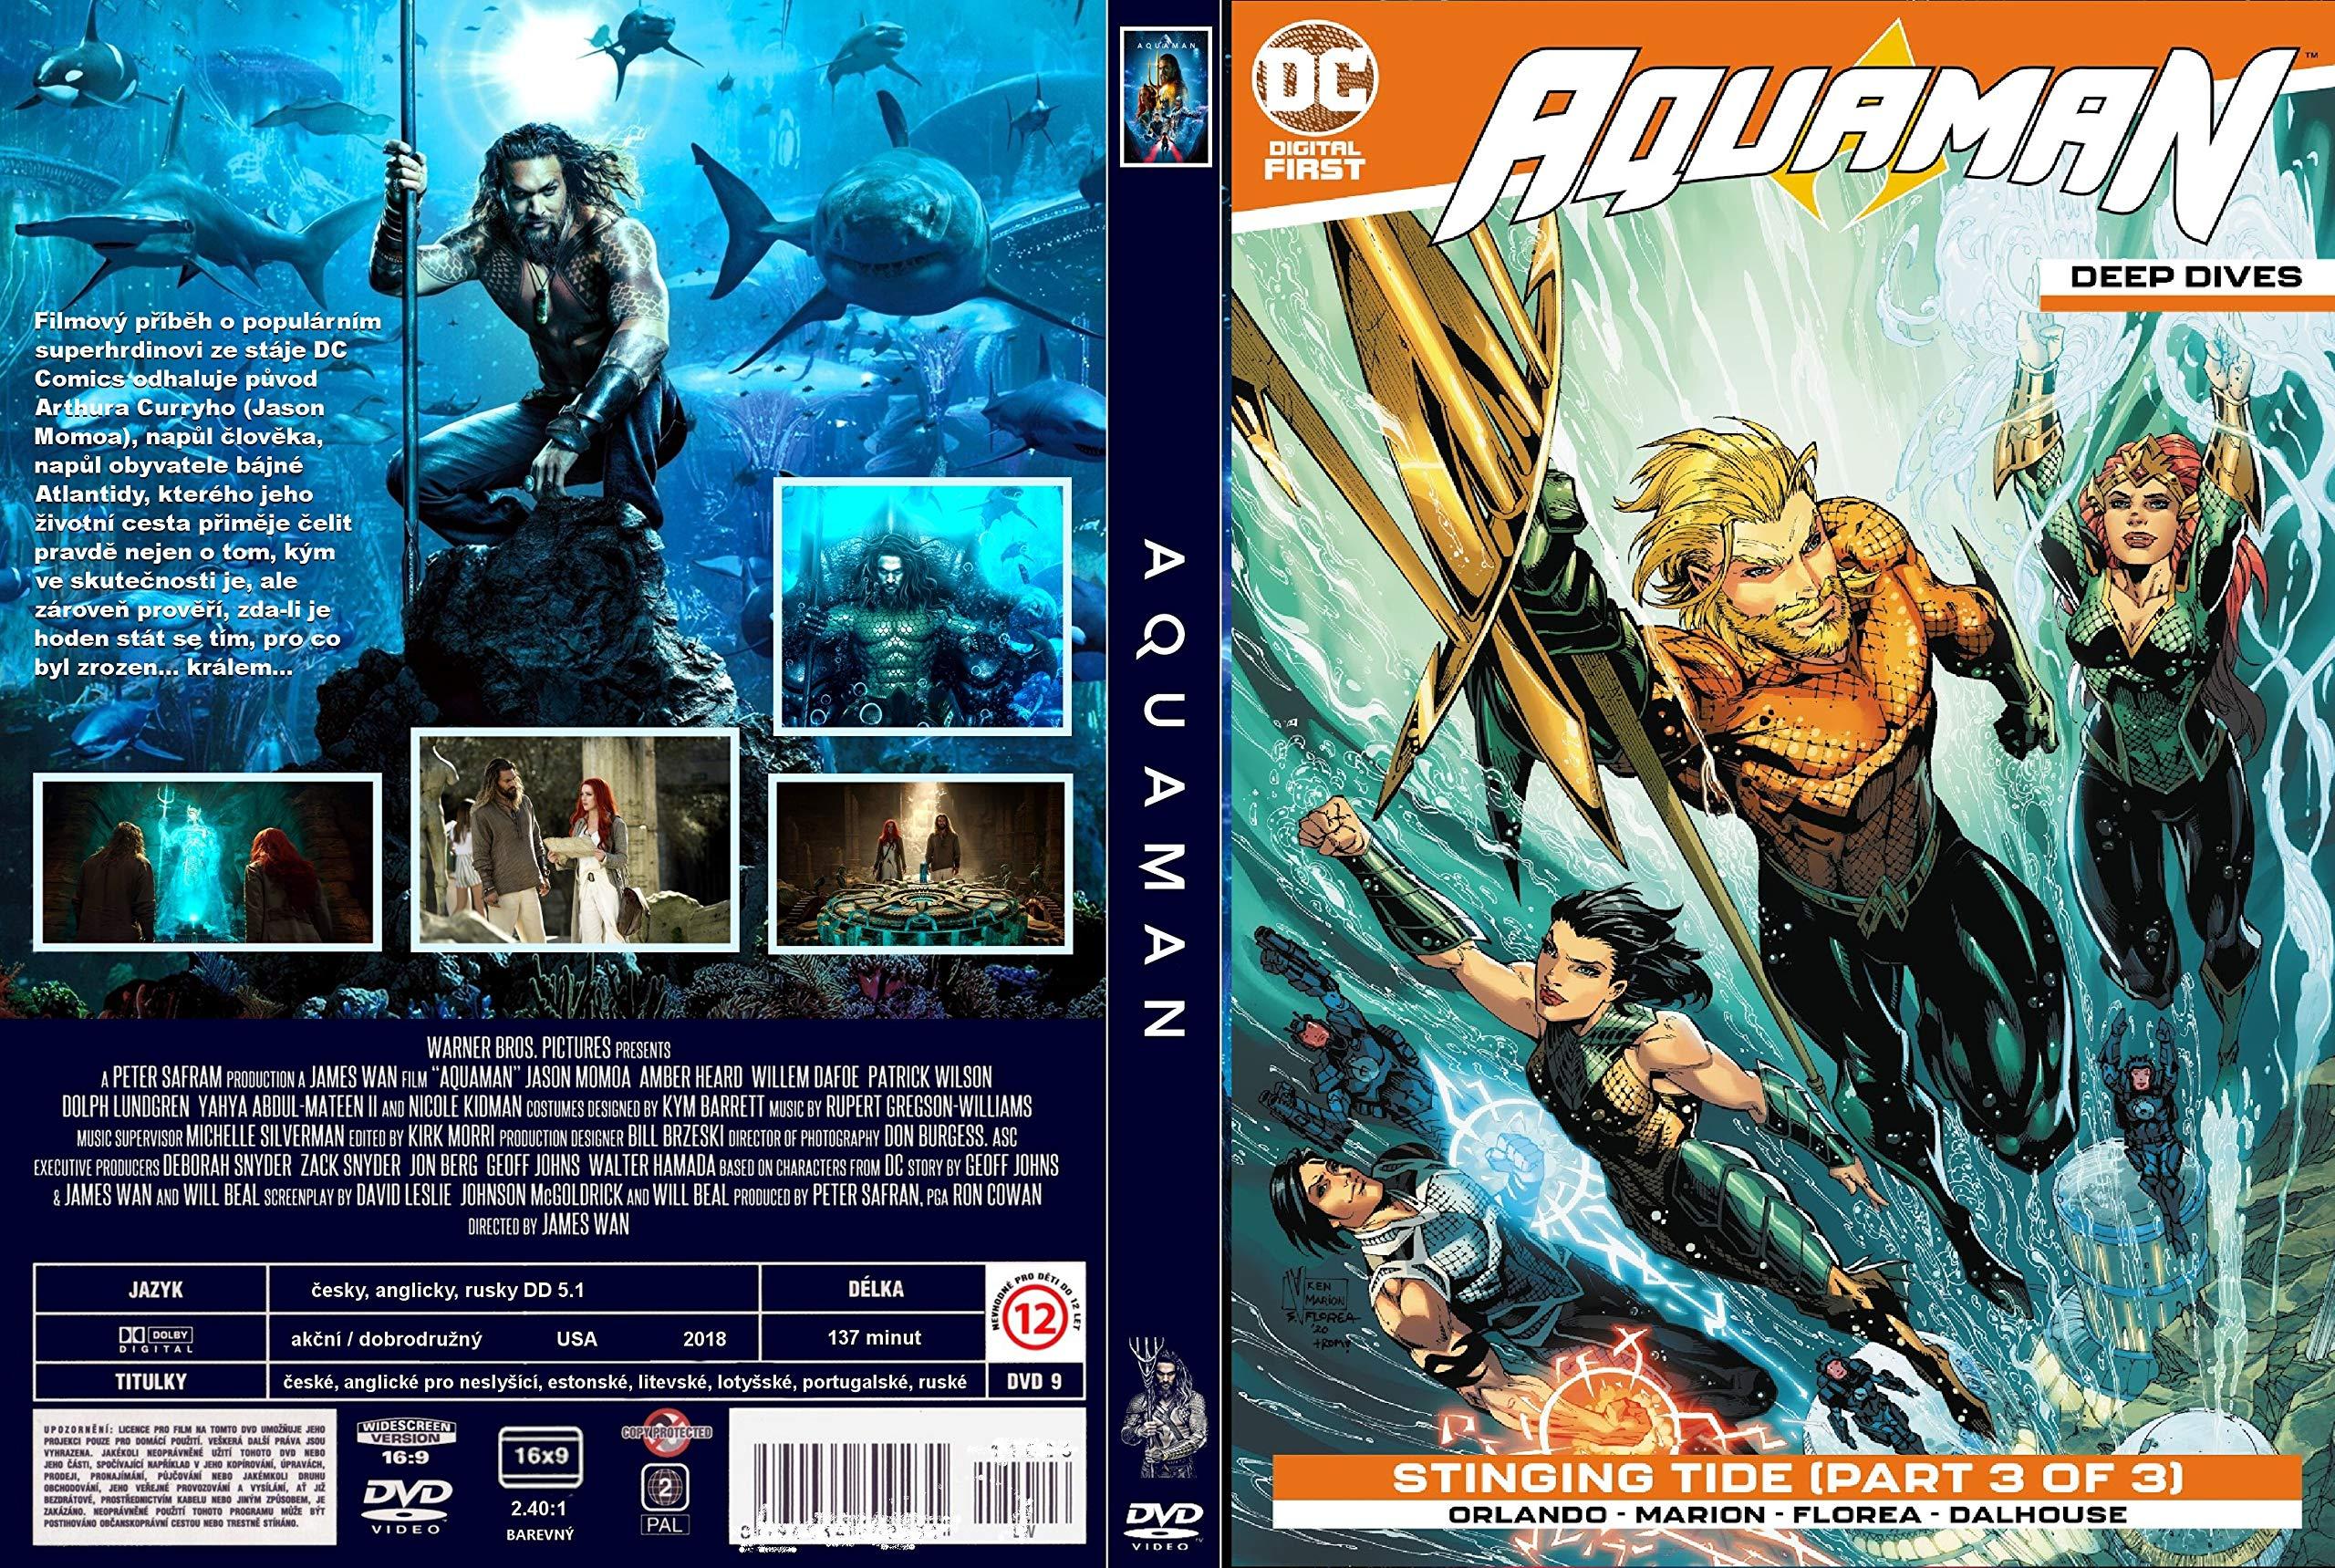 Aquaman: Deep Dives Digital Comics (2020) quarantine anime manga story comic novel kids 2-12 ages learning & enjoying pictures